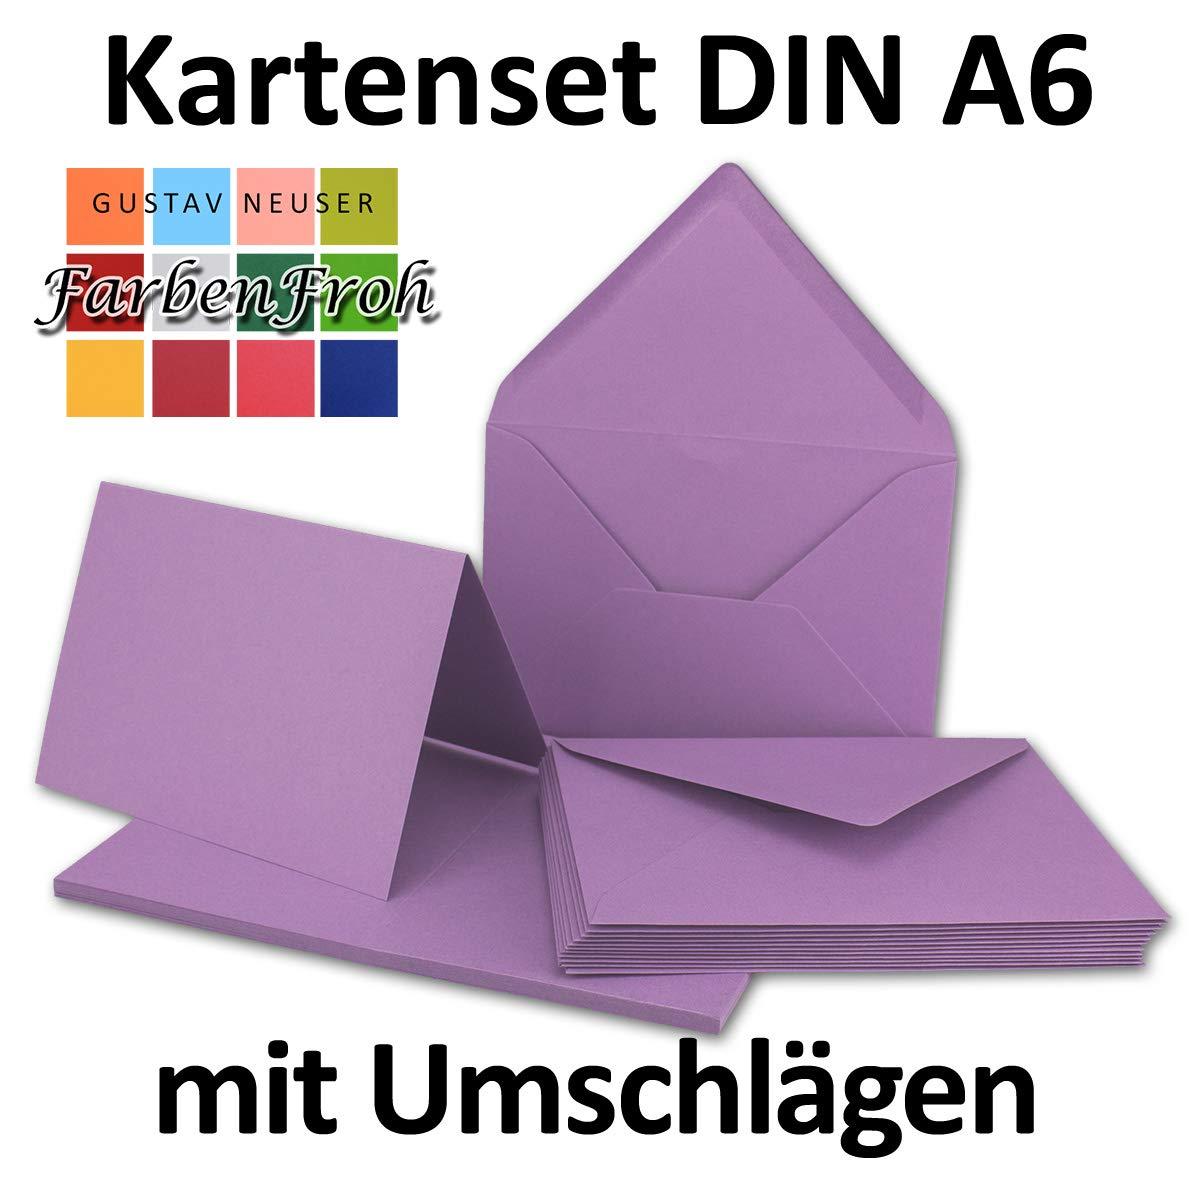 Faltkarten Set Set Set mit Brief-Umschlägen DIN A6   C6 in Rosanrot   100 Sets   14,8 x 10,5 cm   Premium Qualität   Serie FarbenFroh® B07657CZ6C | Jeder beschriebene Artikel ist verfügbar  5fd1cb